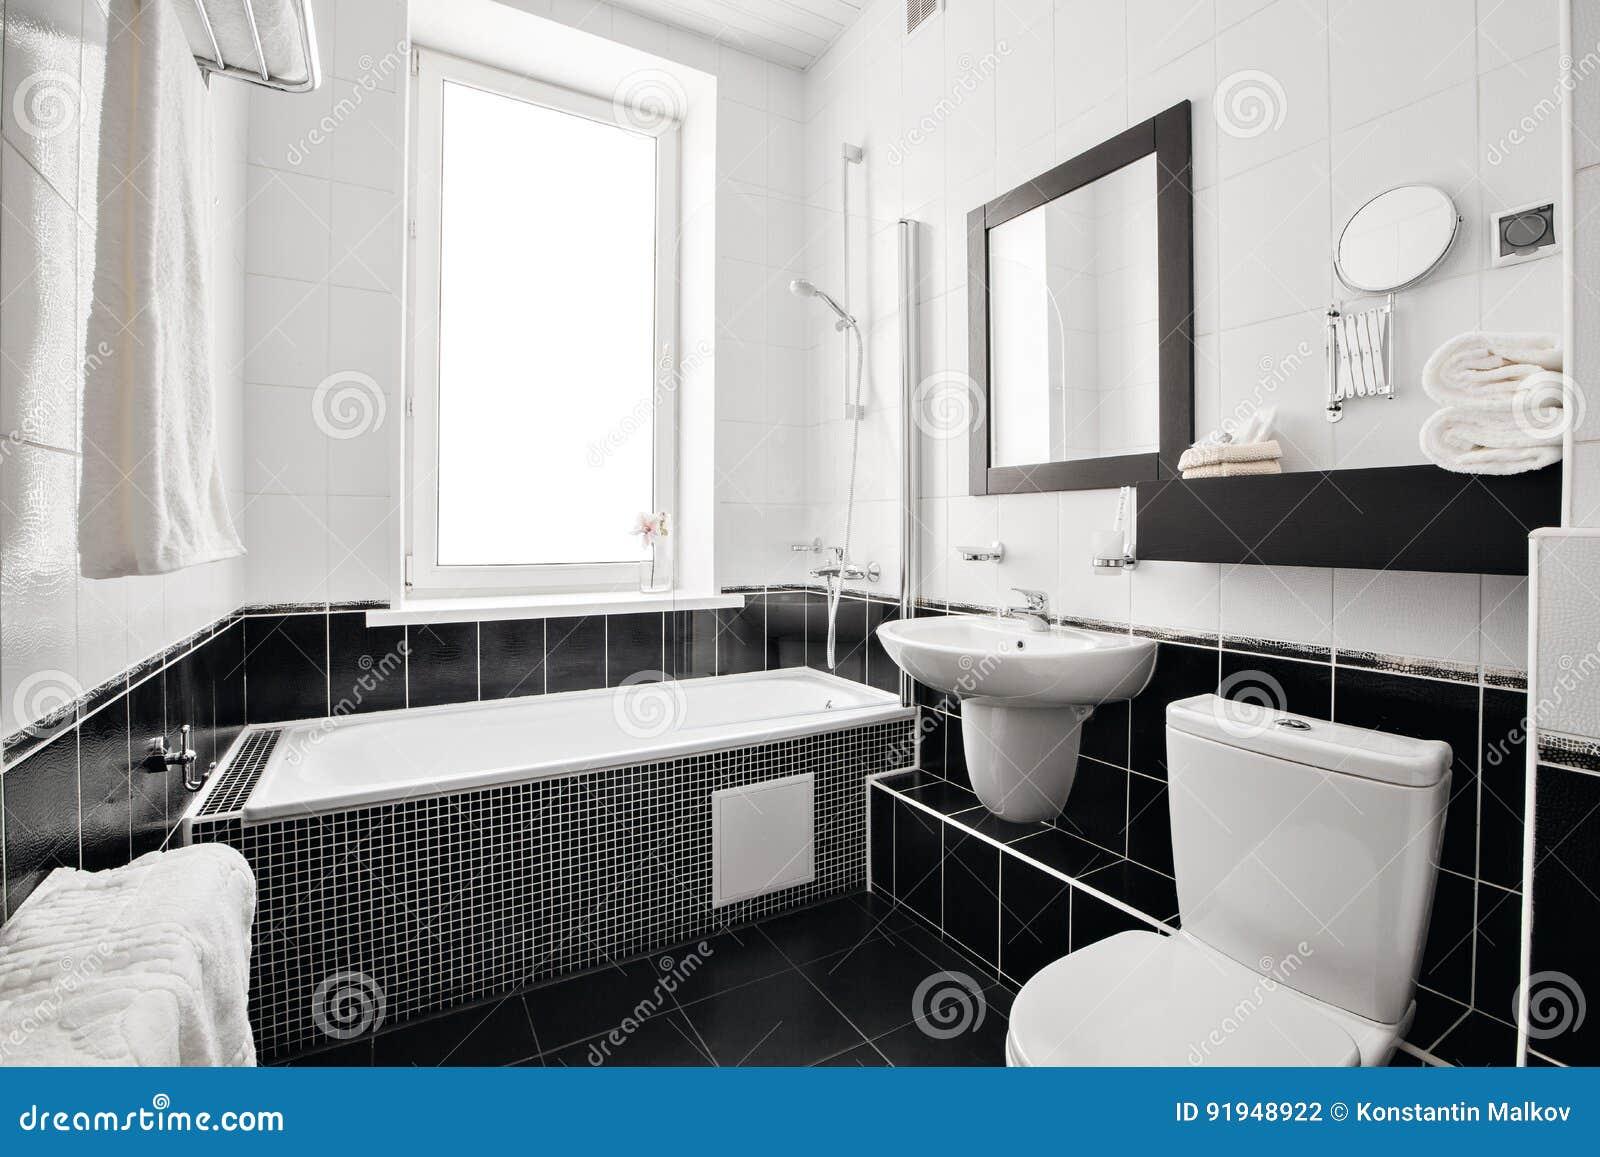 Modernt lyxigt badrum med badkaret och fönstret tolkning 3D av ett kontorsutrymme